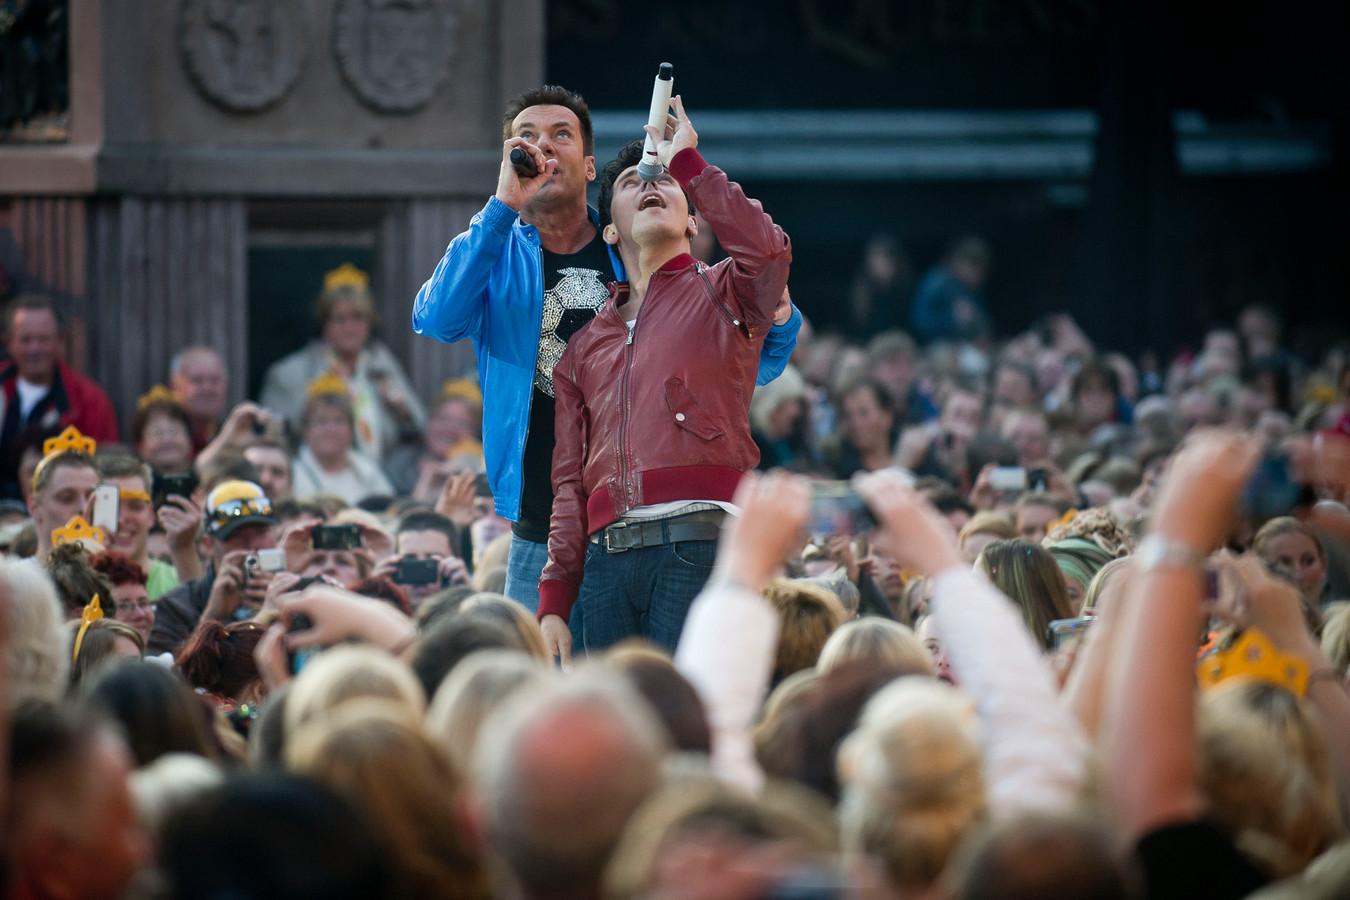 Jan Smit en Gerard Joling in actie op de Oude Markt, hier in 2012